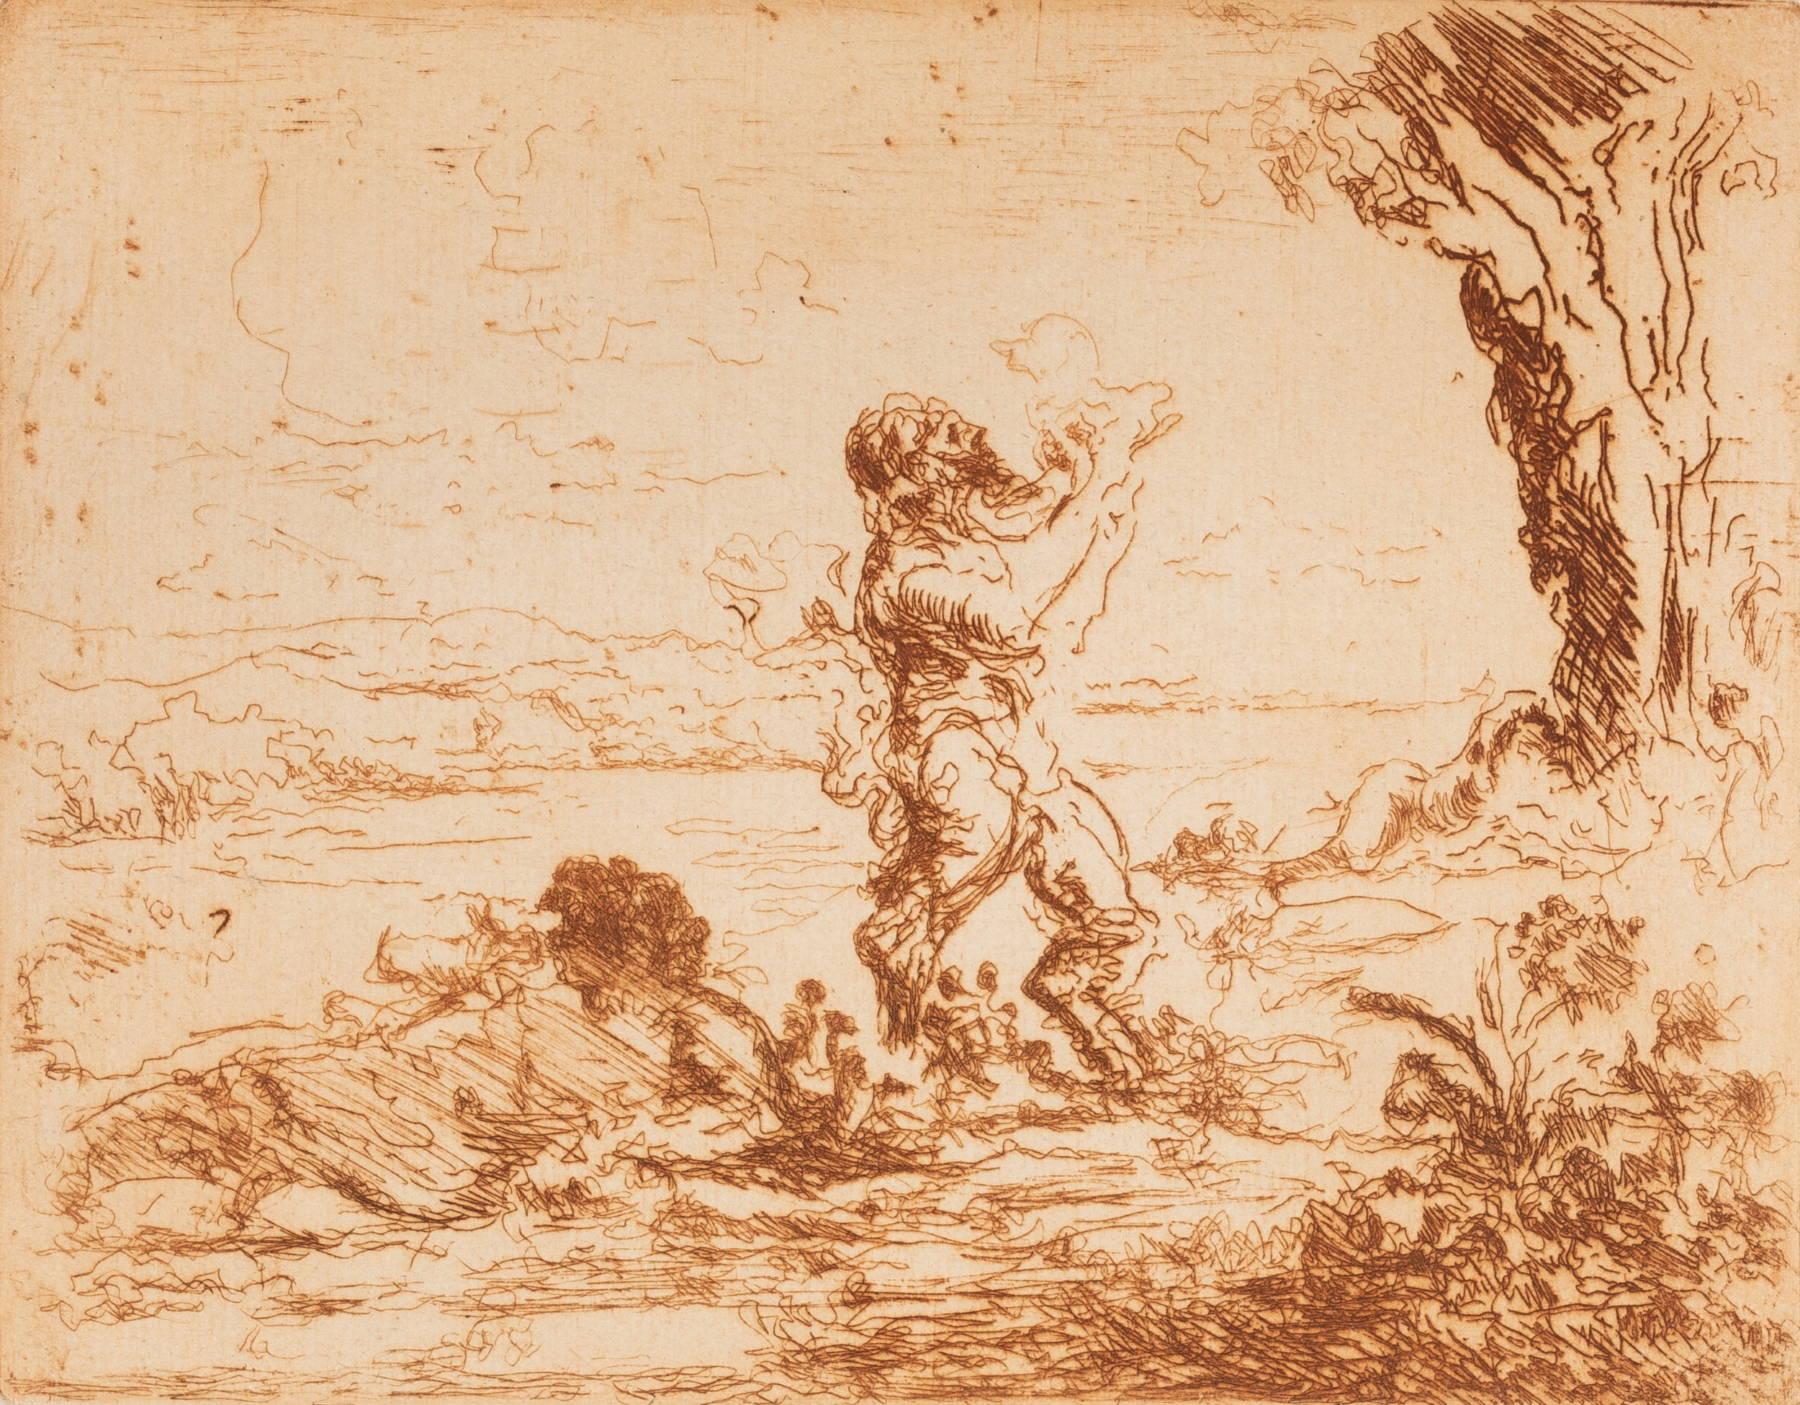 Ker-Xavier Roussel, Satyre debout et nymphe étendue au bord d'une rivière